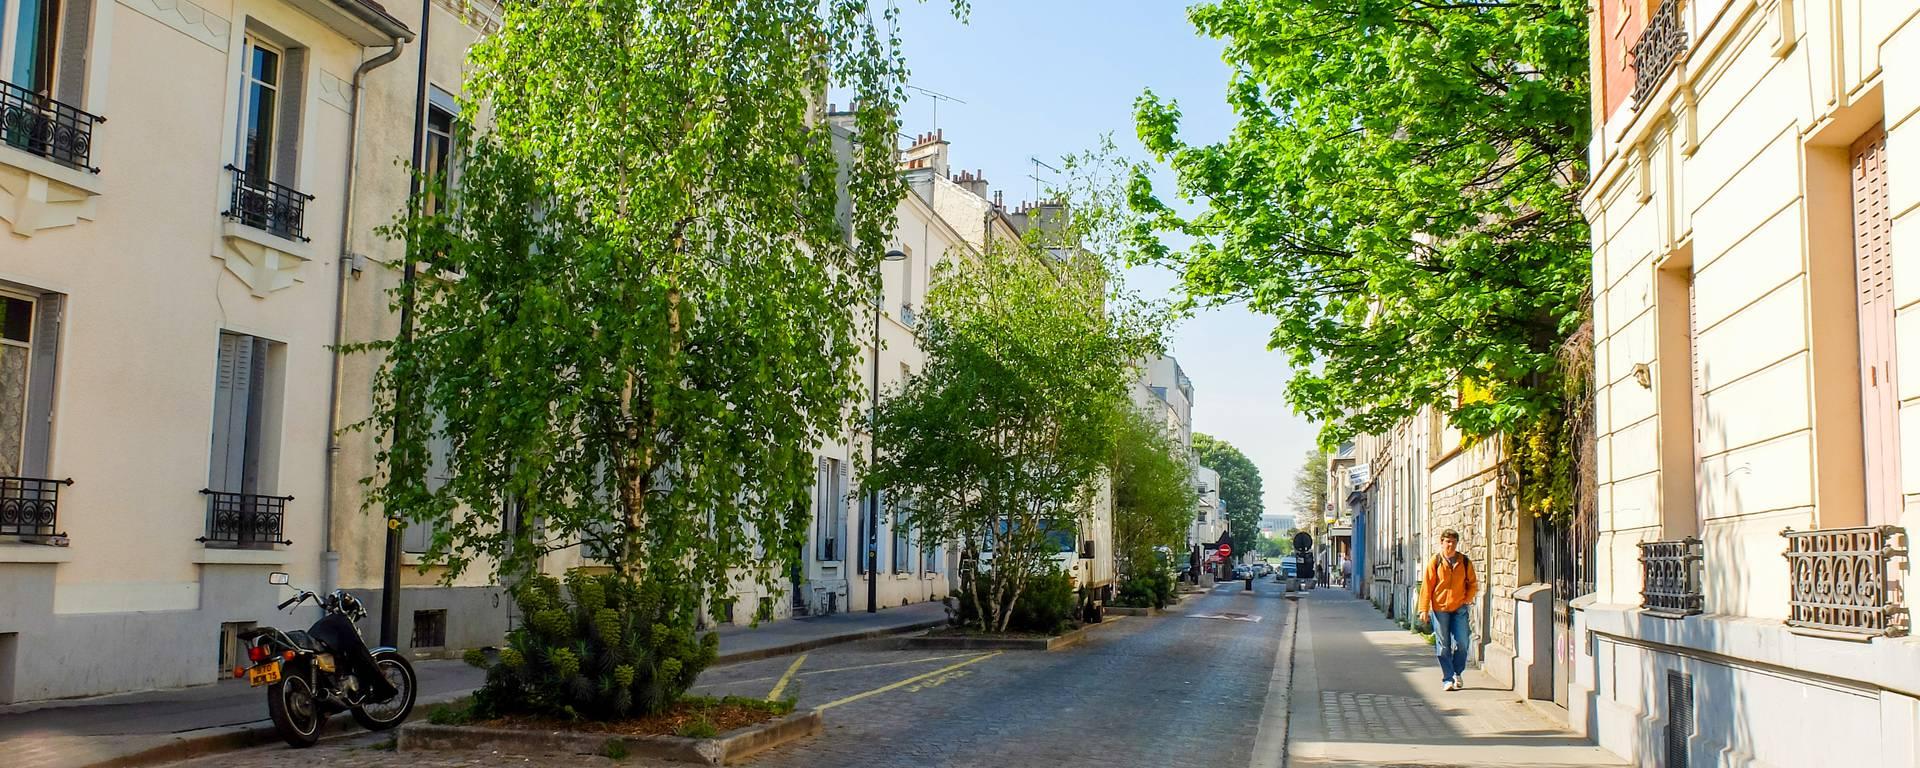 Rue de la Légion d'Honneur - Saint-Denis